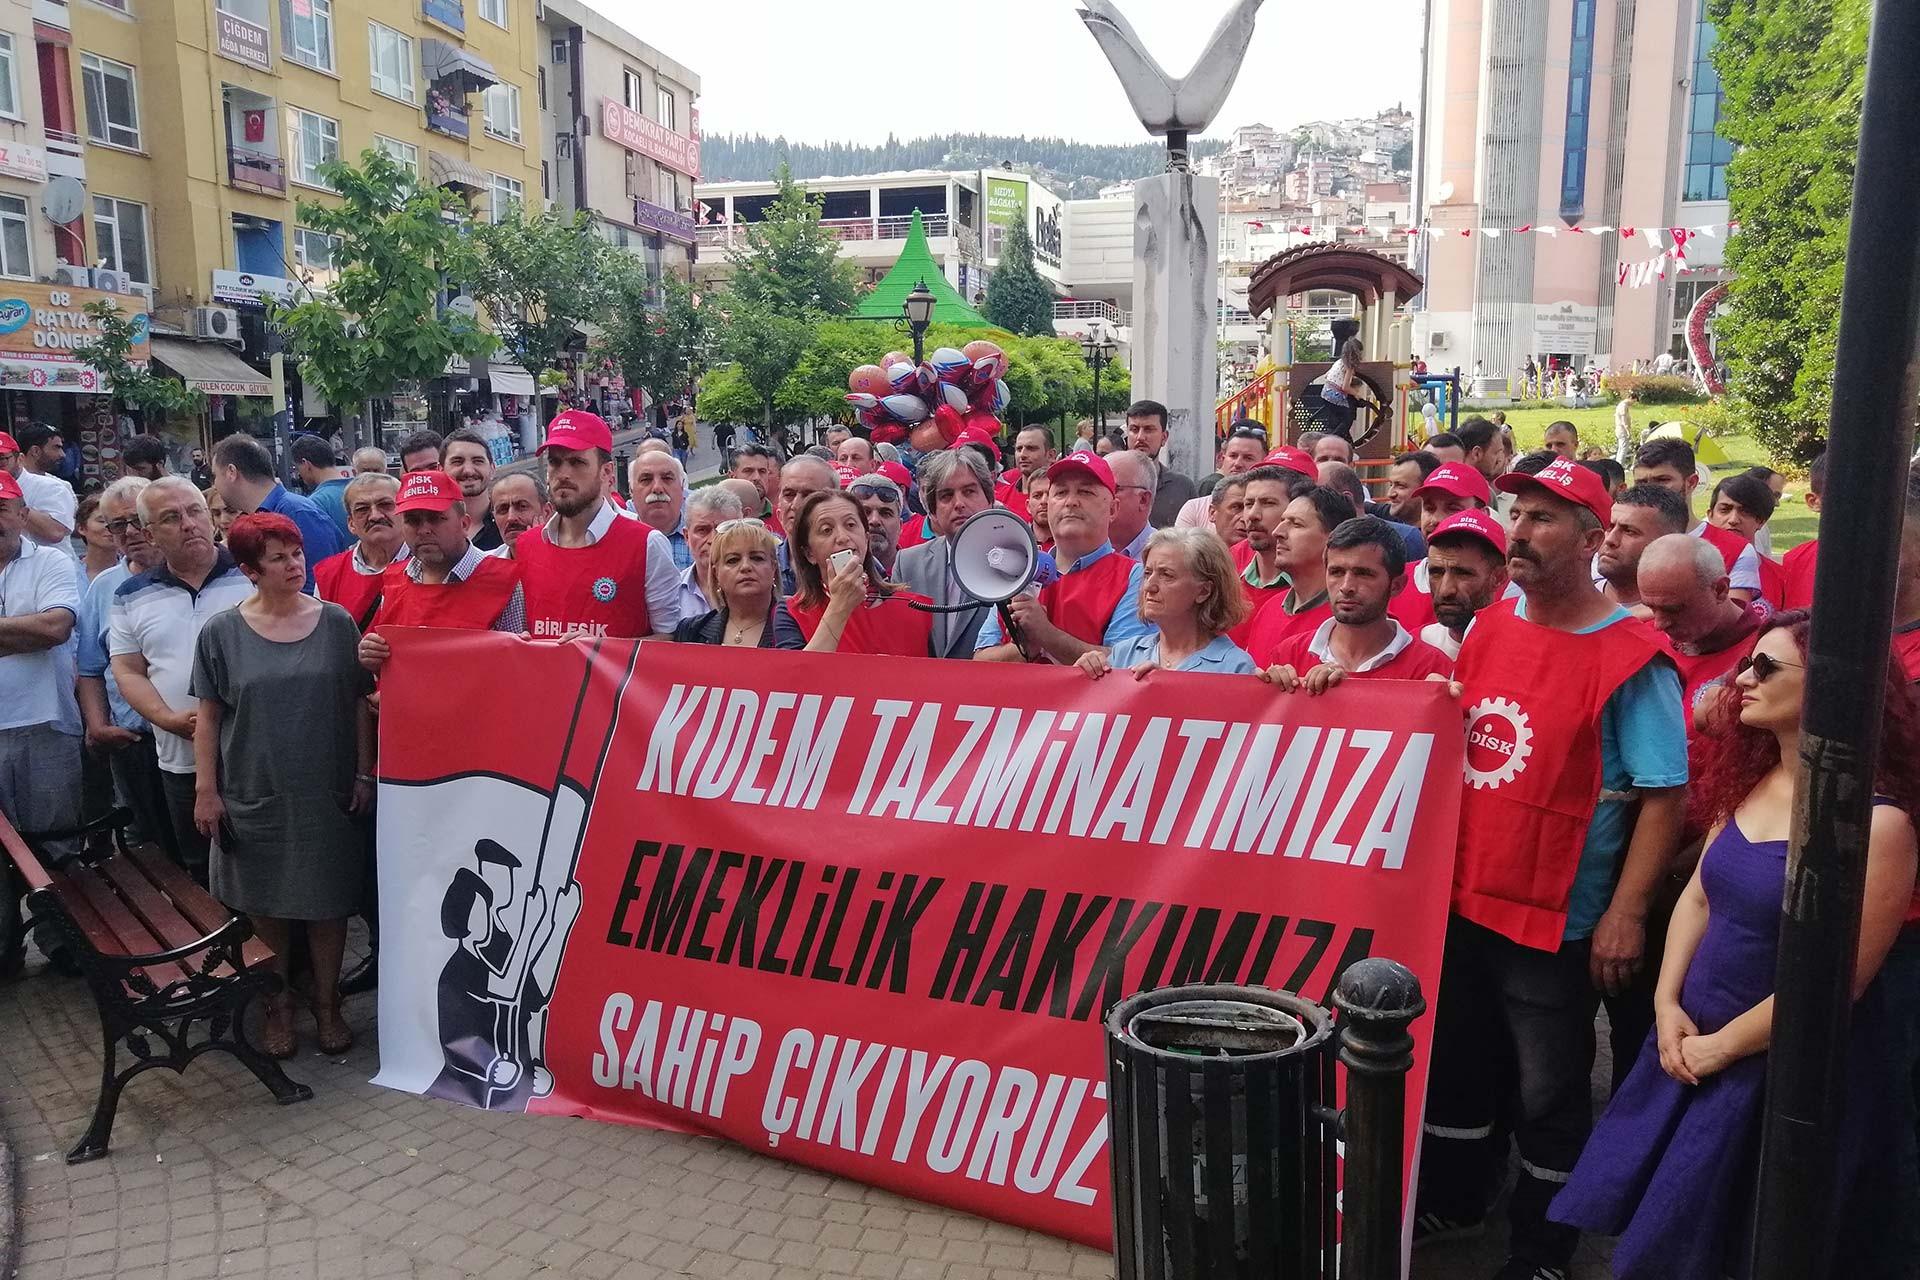 DİSK, Kocaeli'de 15-15 Haziran'ın yıl dönümü dolayısıyla açıklama yaptı